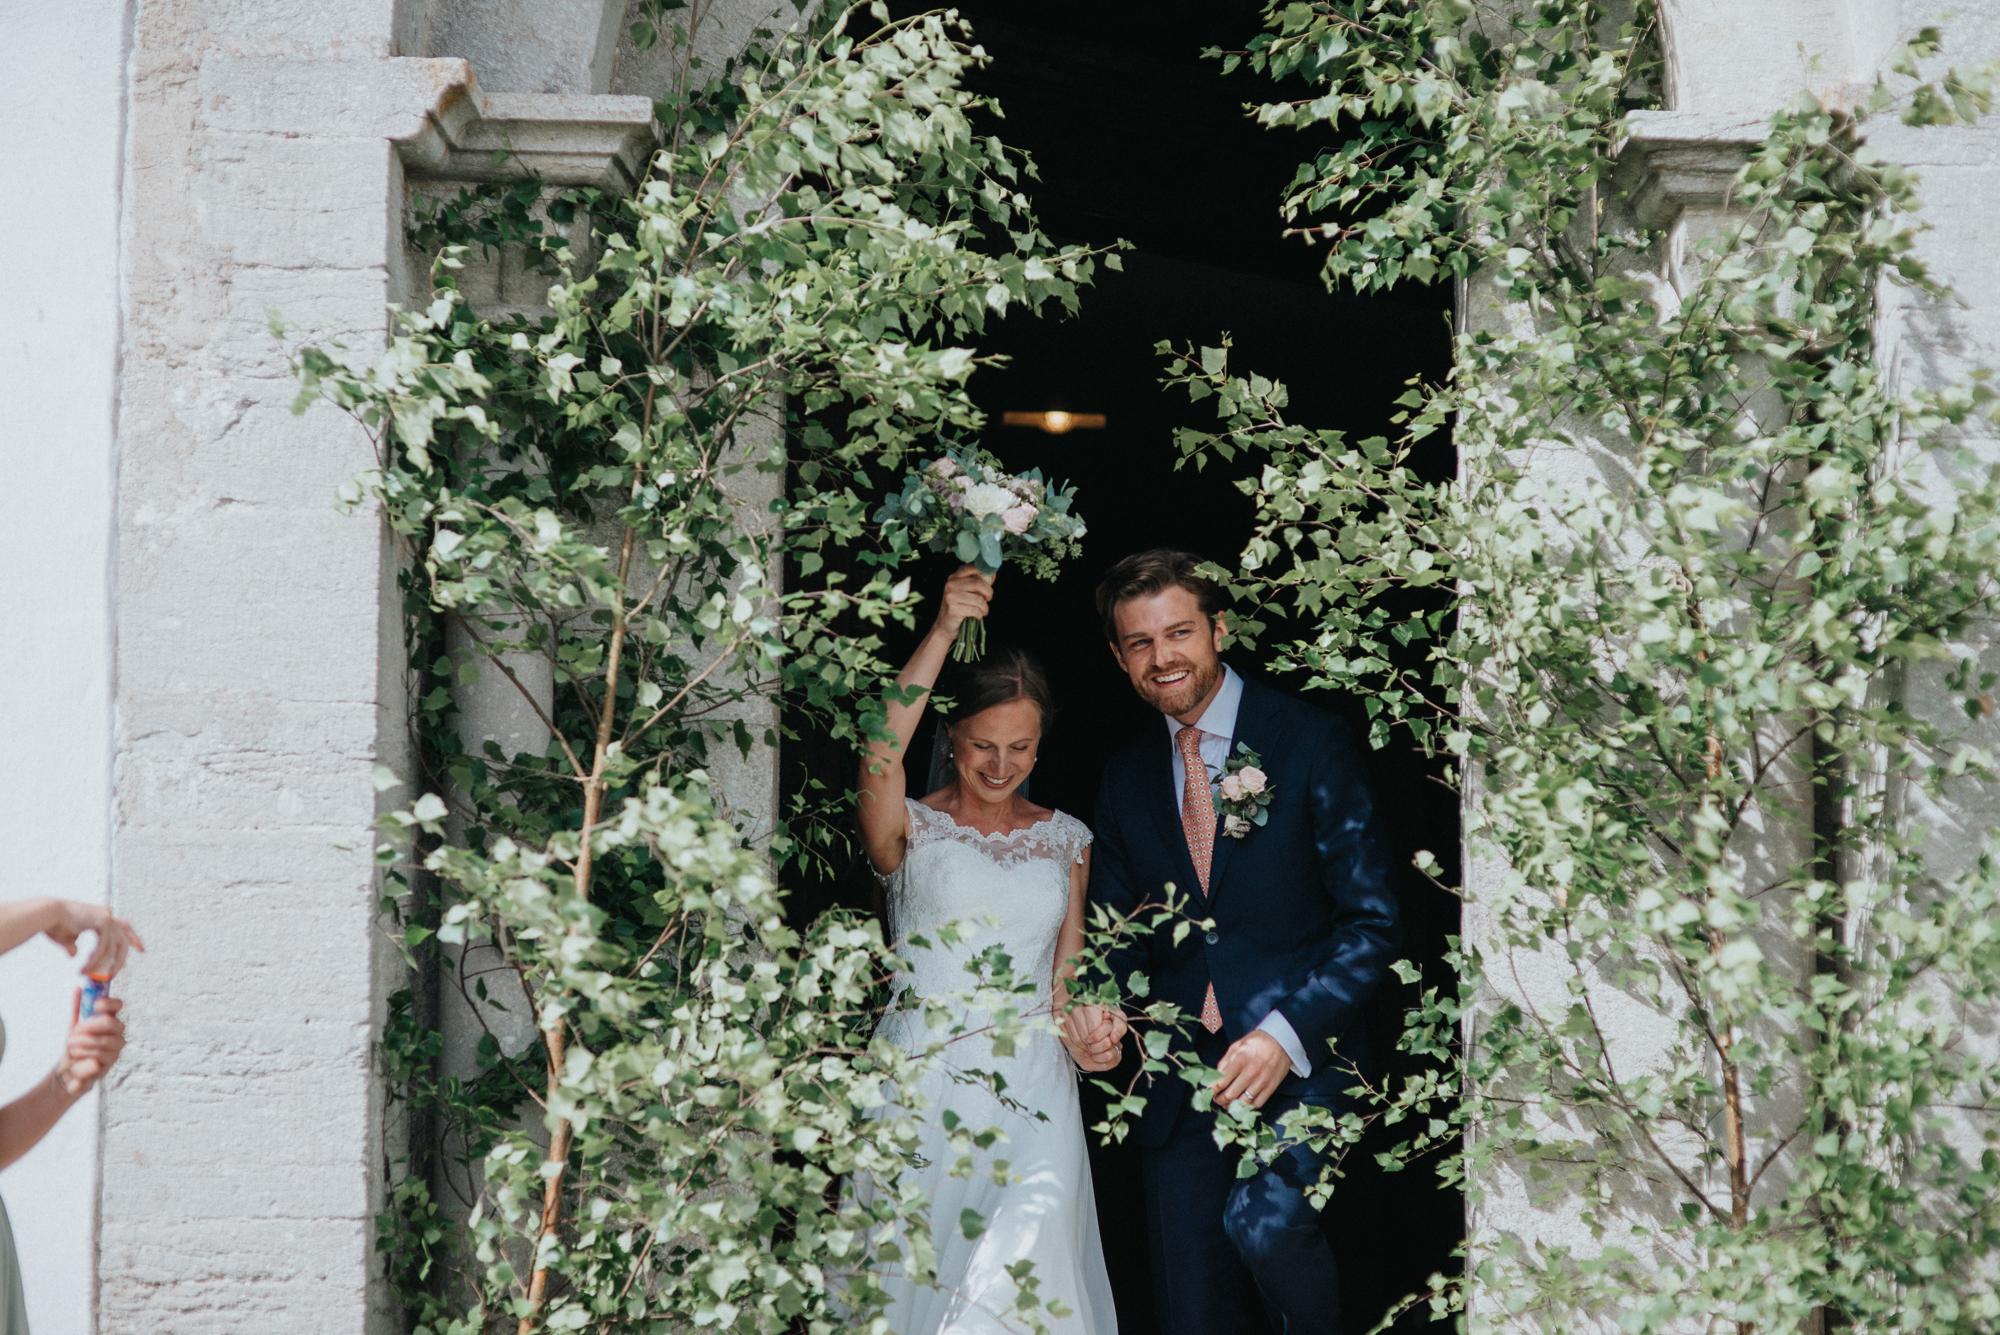 016-bröllopsfotograf-gotland-neas-fotografi.jpg